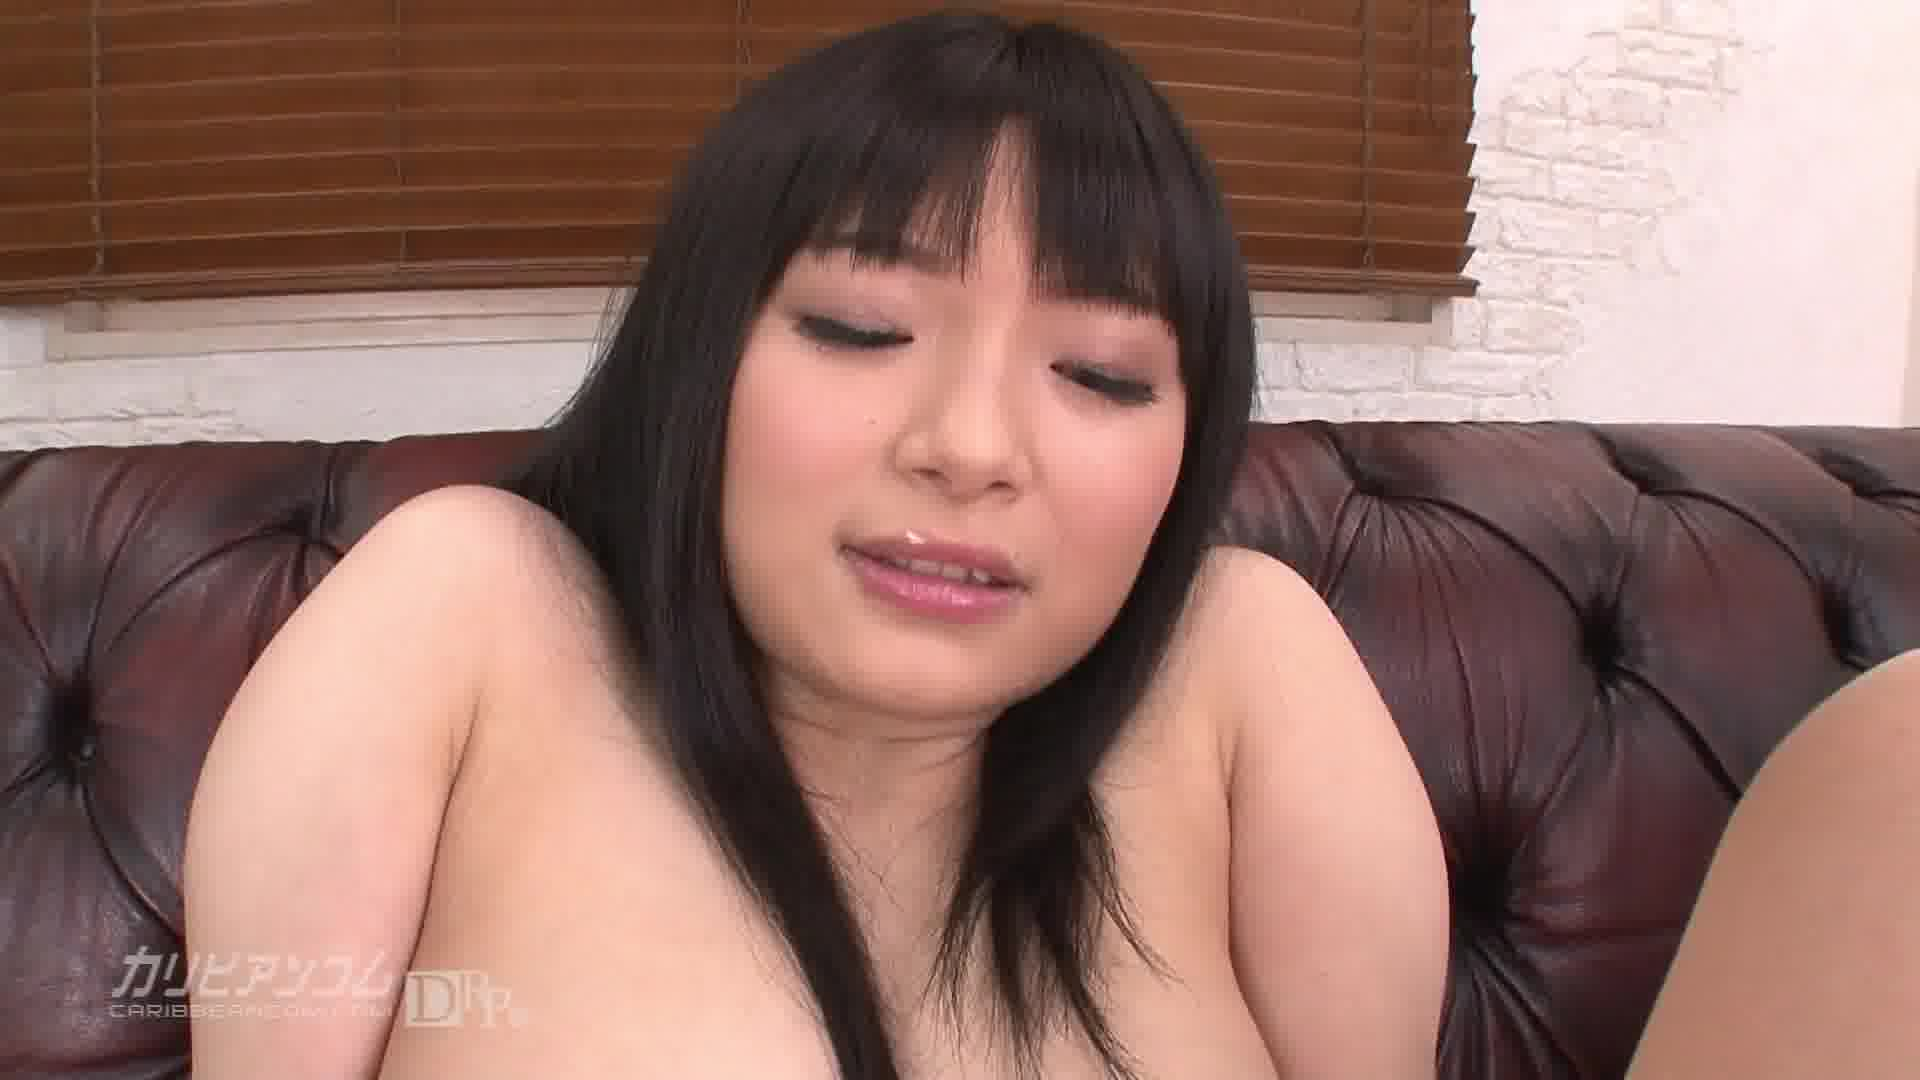 潮姫 ~前編~ - 前田陽菜【アイドル・パイパン・潮吹き】